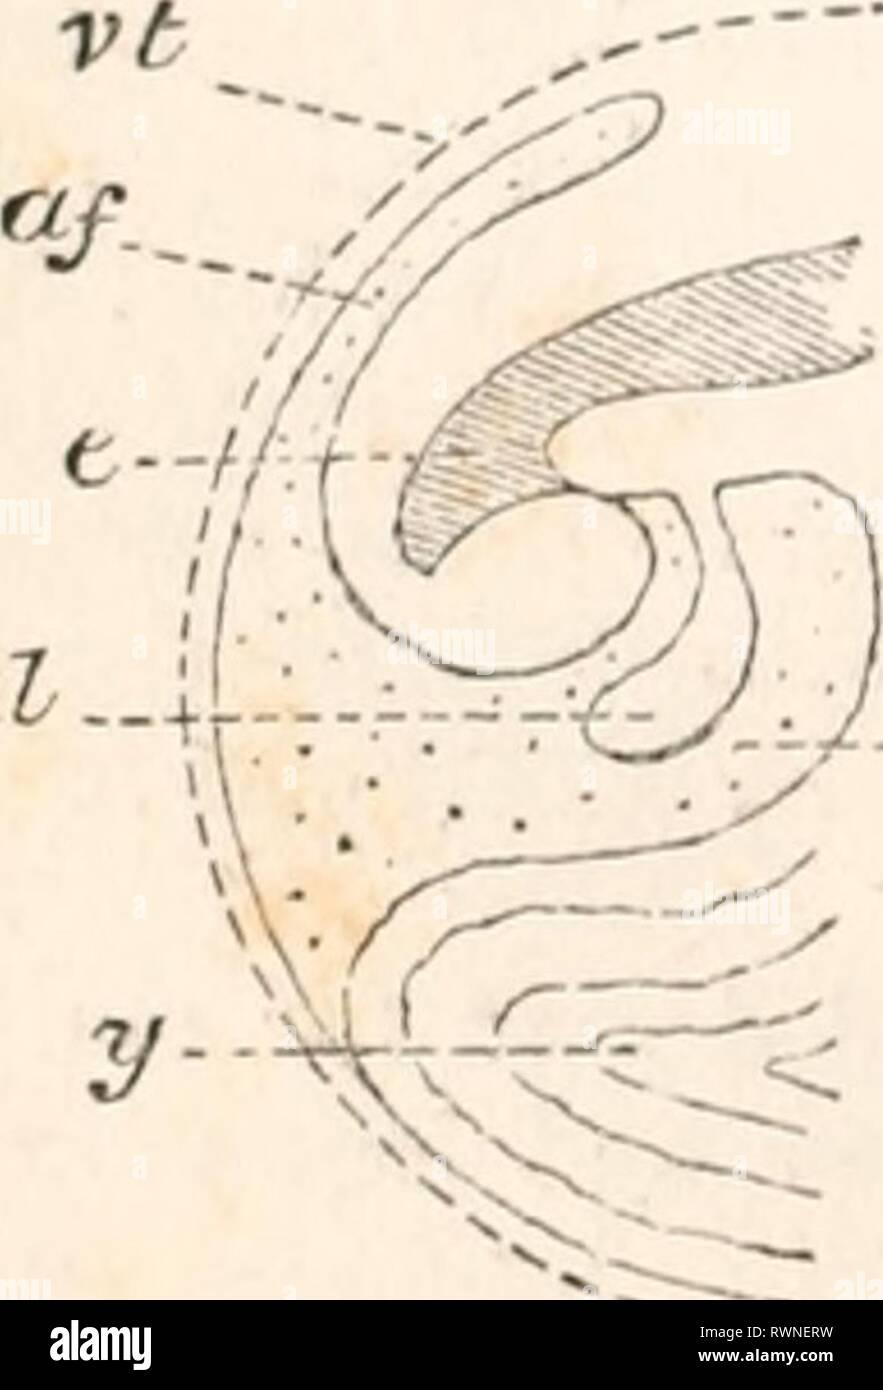 Les éléments d'embryologie (1874) Les éléments d'embryologie humaine elementsofembryo01fost Année: 1874 g al-i: - j?p JBP AC-4U-J al-.-'&Lt; Photo Stock